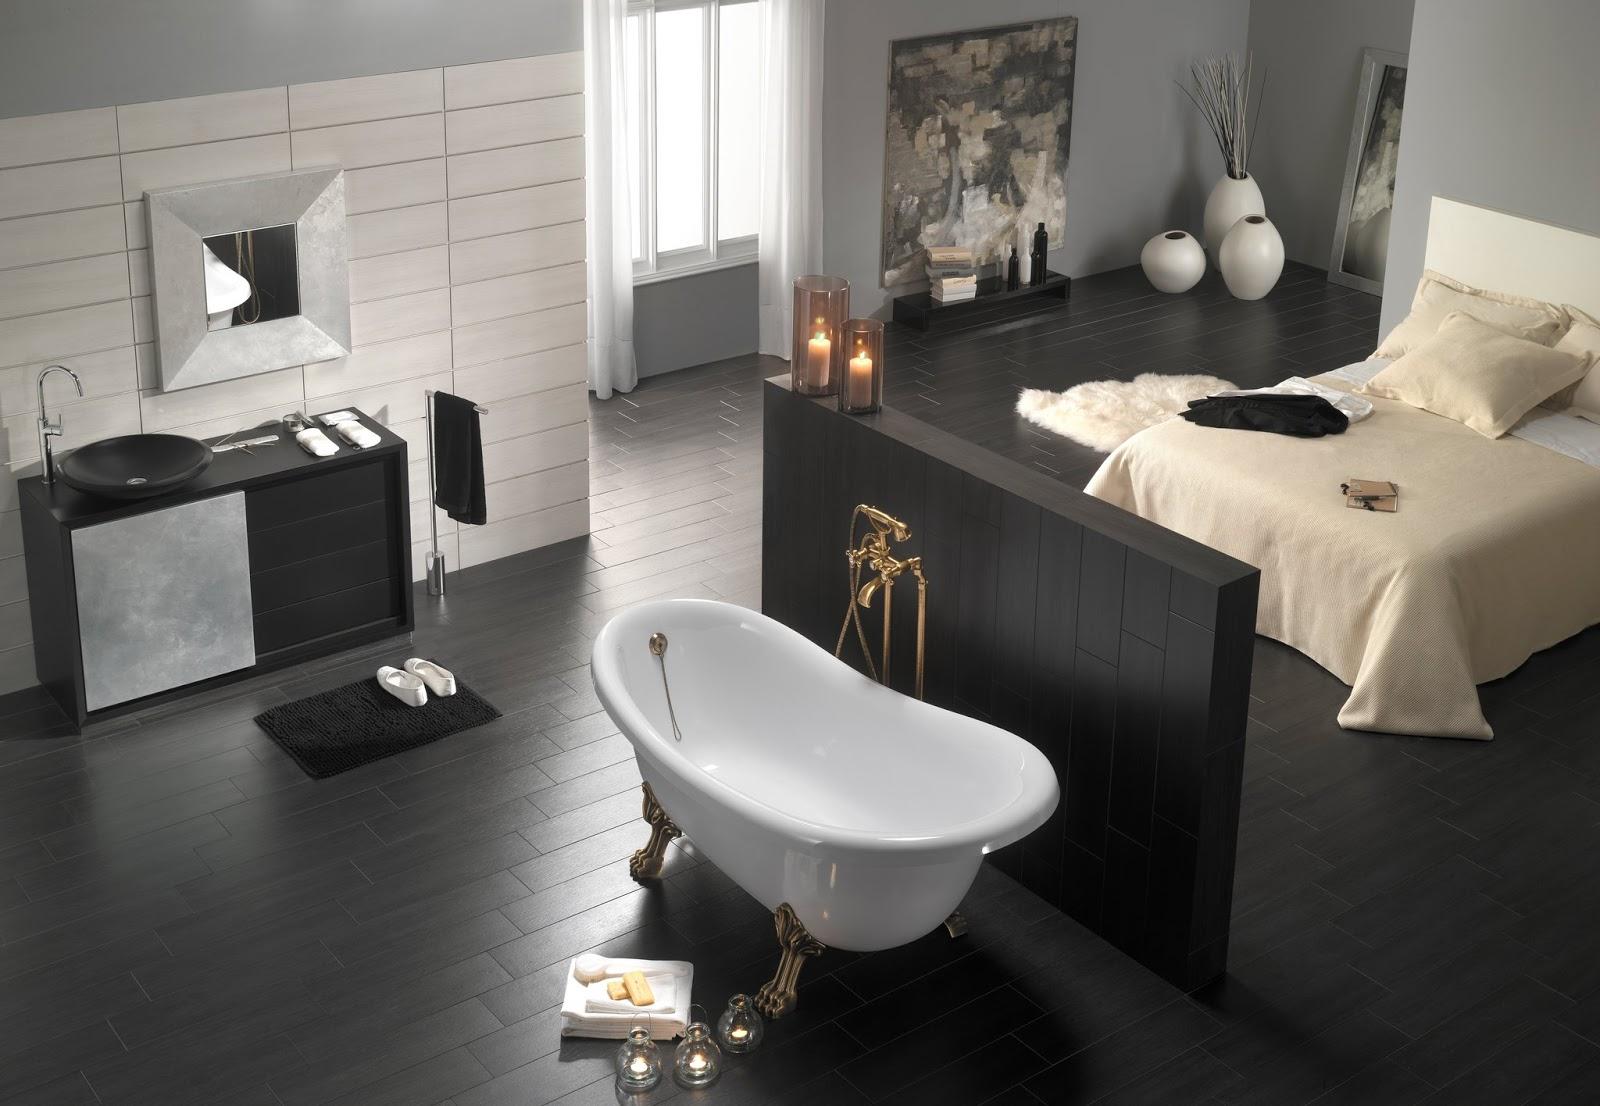 Decoracion Baños Keraben:Decoración del baño – Decoration of the bathroom: Cerámica en el